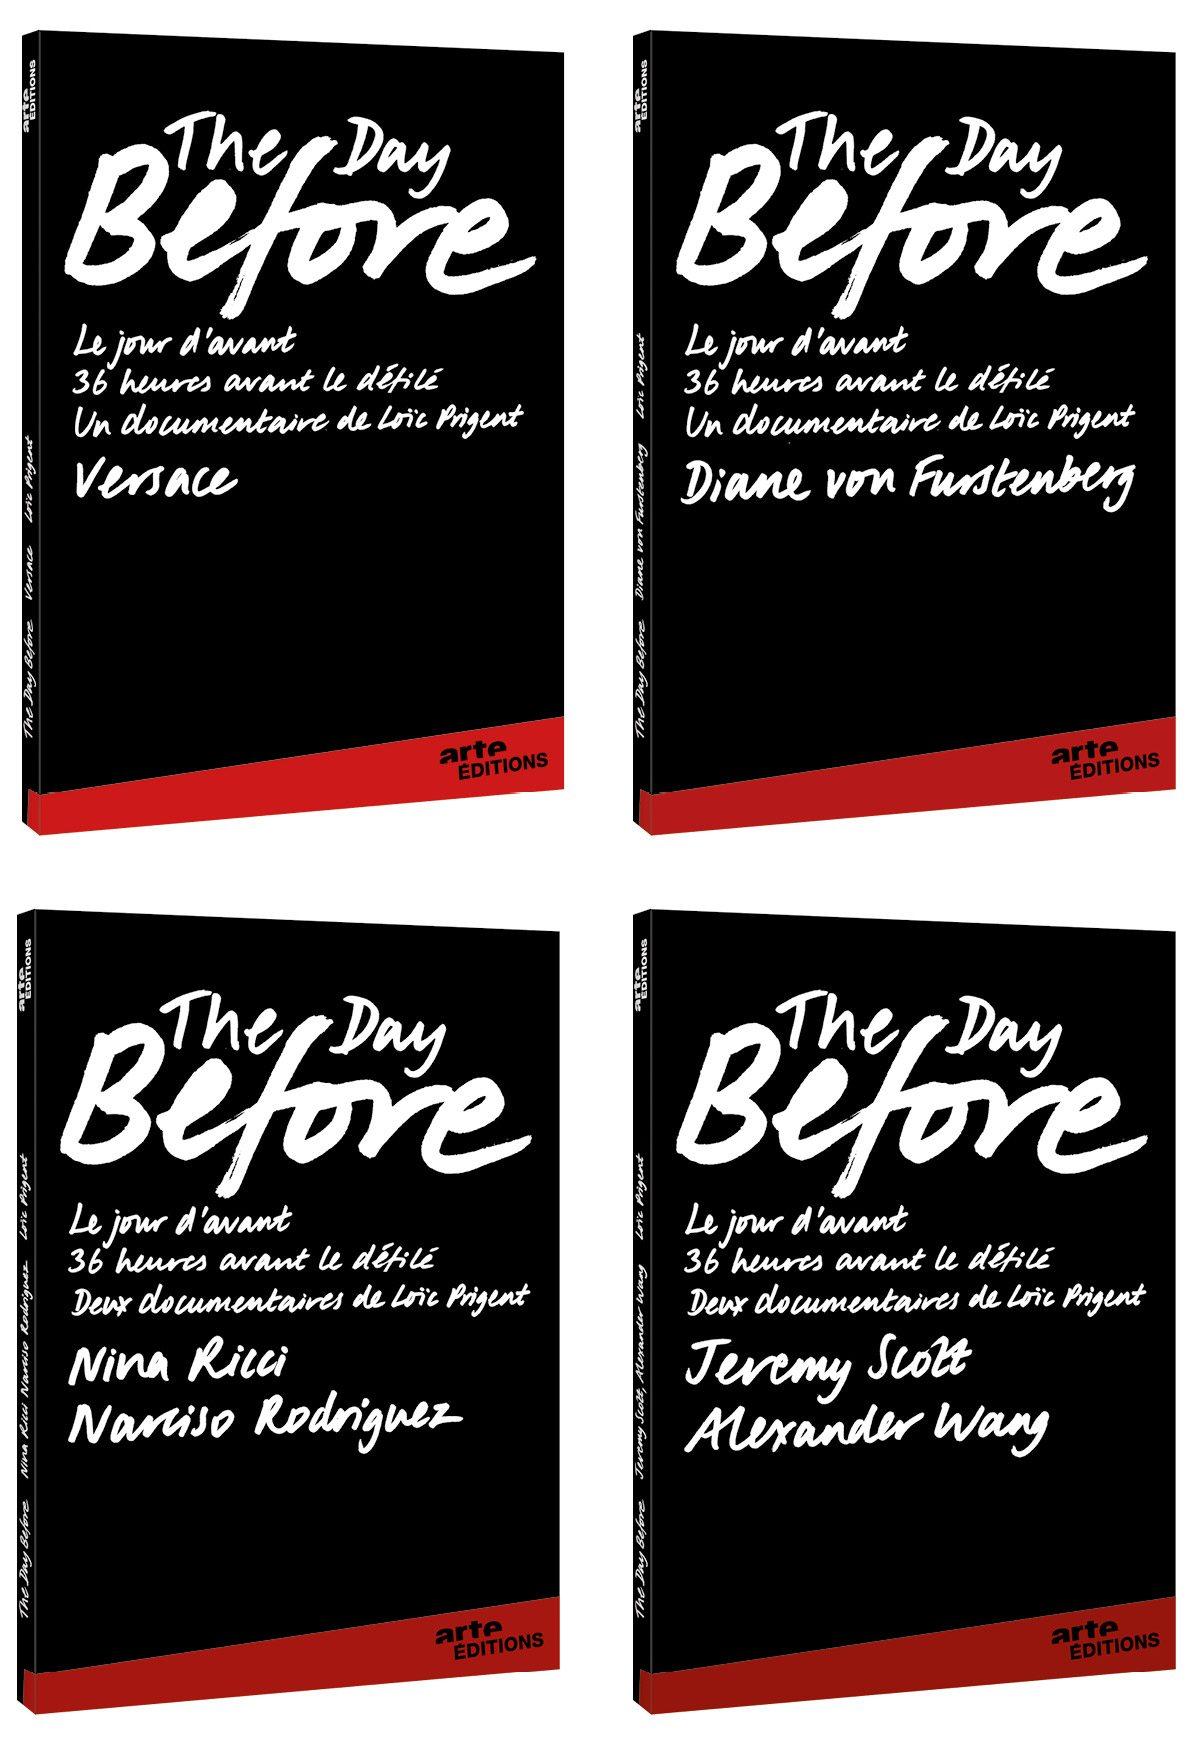 Les jaquettes des DVD Arte The day before 2, avec Versace, Diane von Furstenberg, Nina Ricci, Narciso Rodriguez, Jeremy Scott et Alexander Wang, design et typographie IchetKar